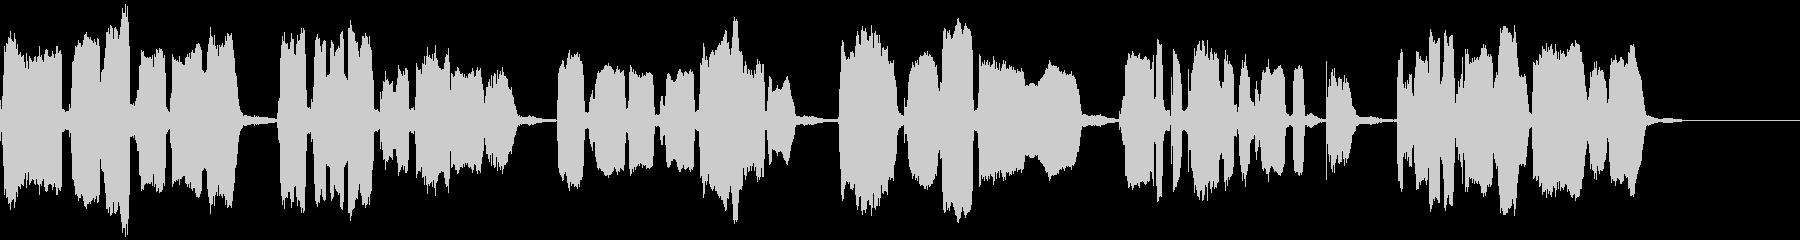 かごめかごめ(響1)【神秘的な少女】の未再生の波形